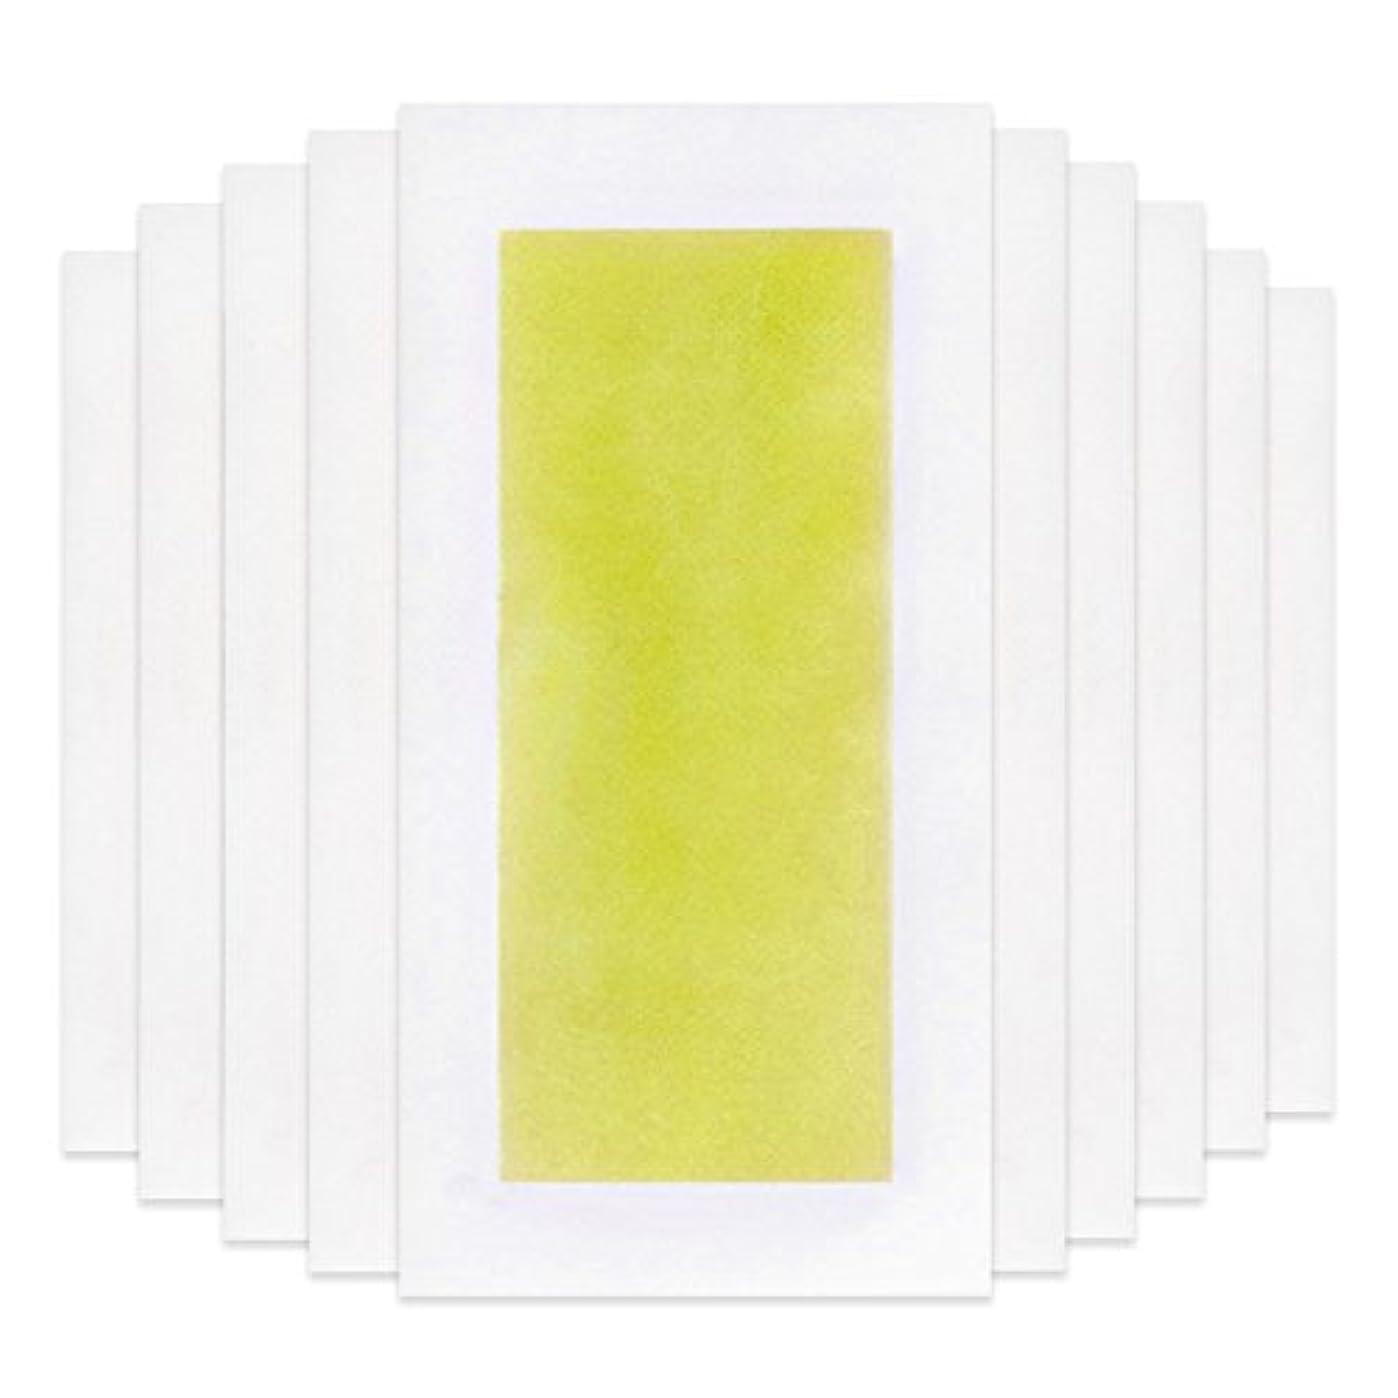 出会いトリップインサートRabugoo 脚の身体の顔のための10個のプロフェッショナルな夏の脱毛ダブルサイドコールドワックスストリップ紙 Yellow